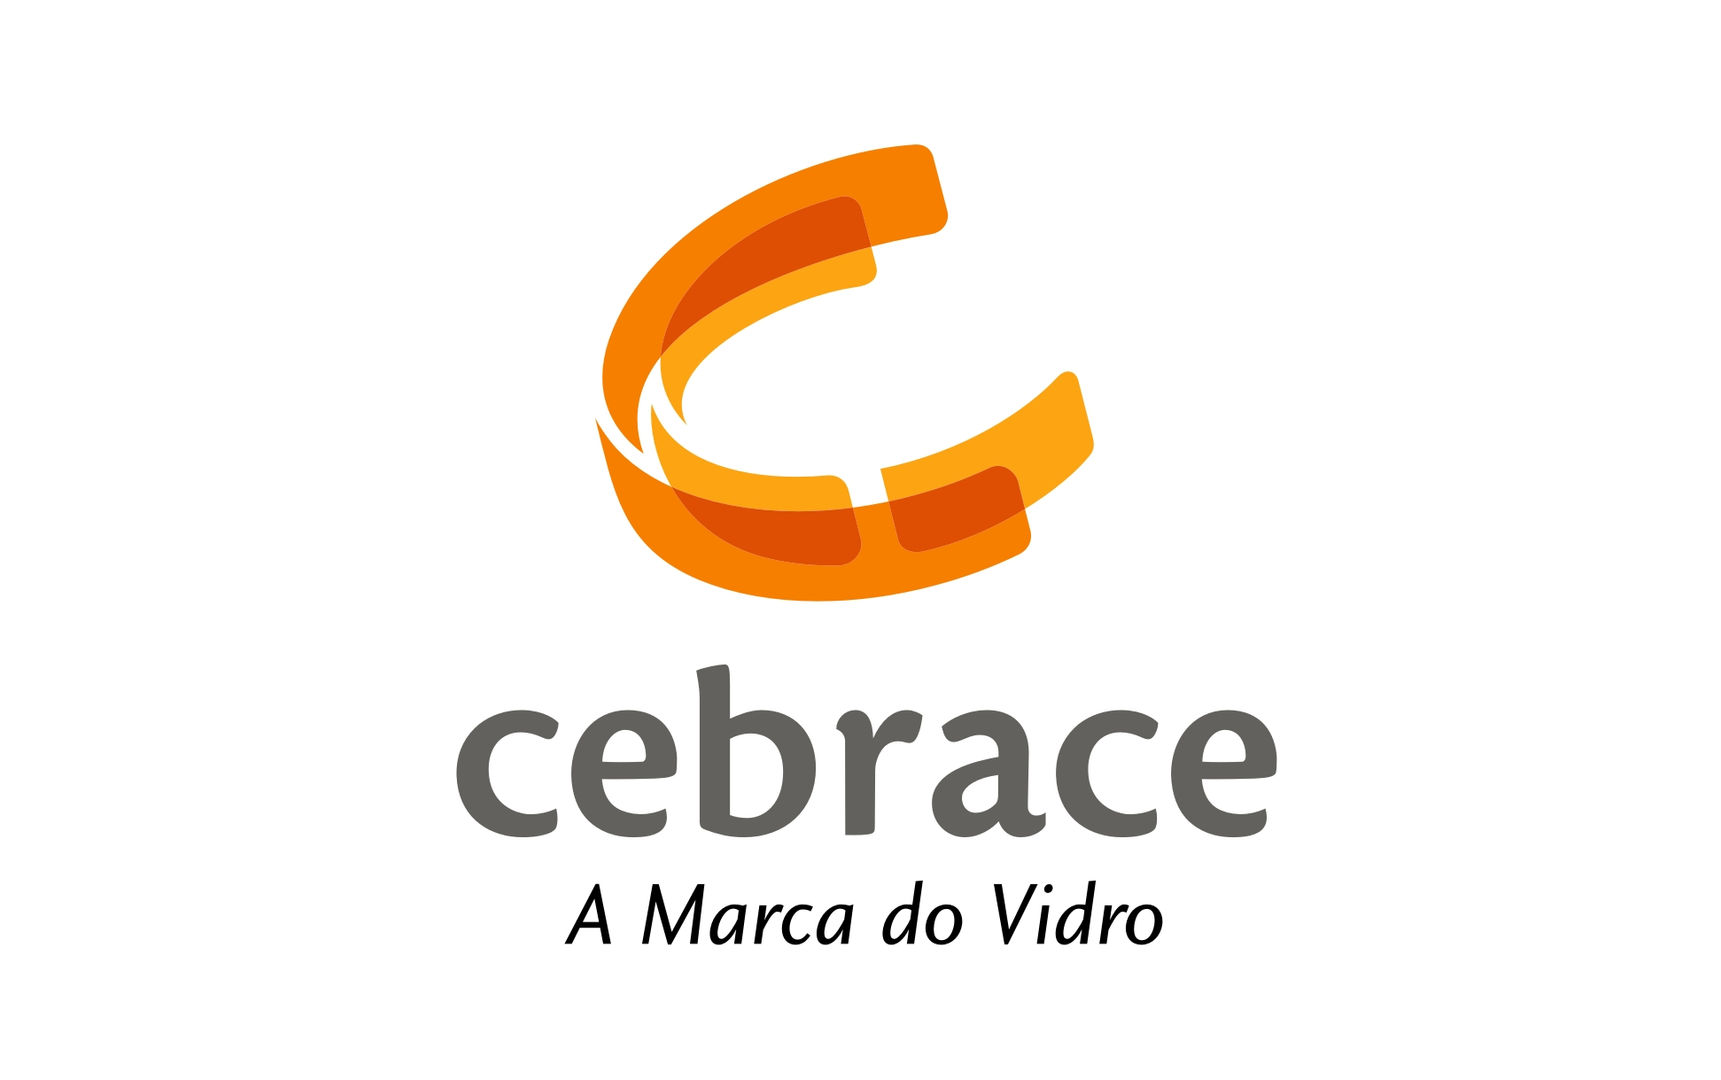 Cebrace.jpg